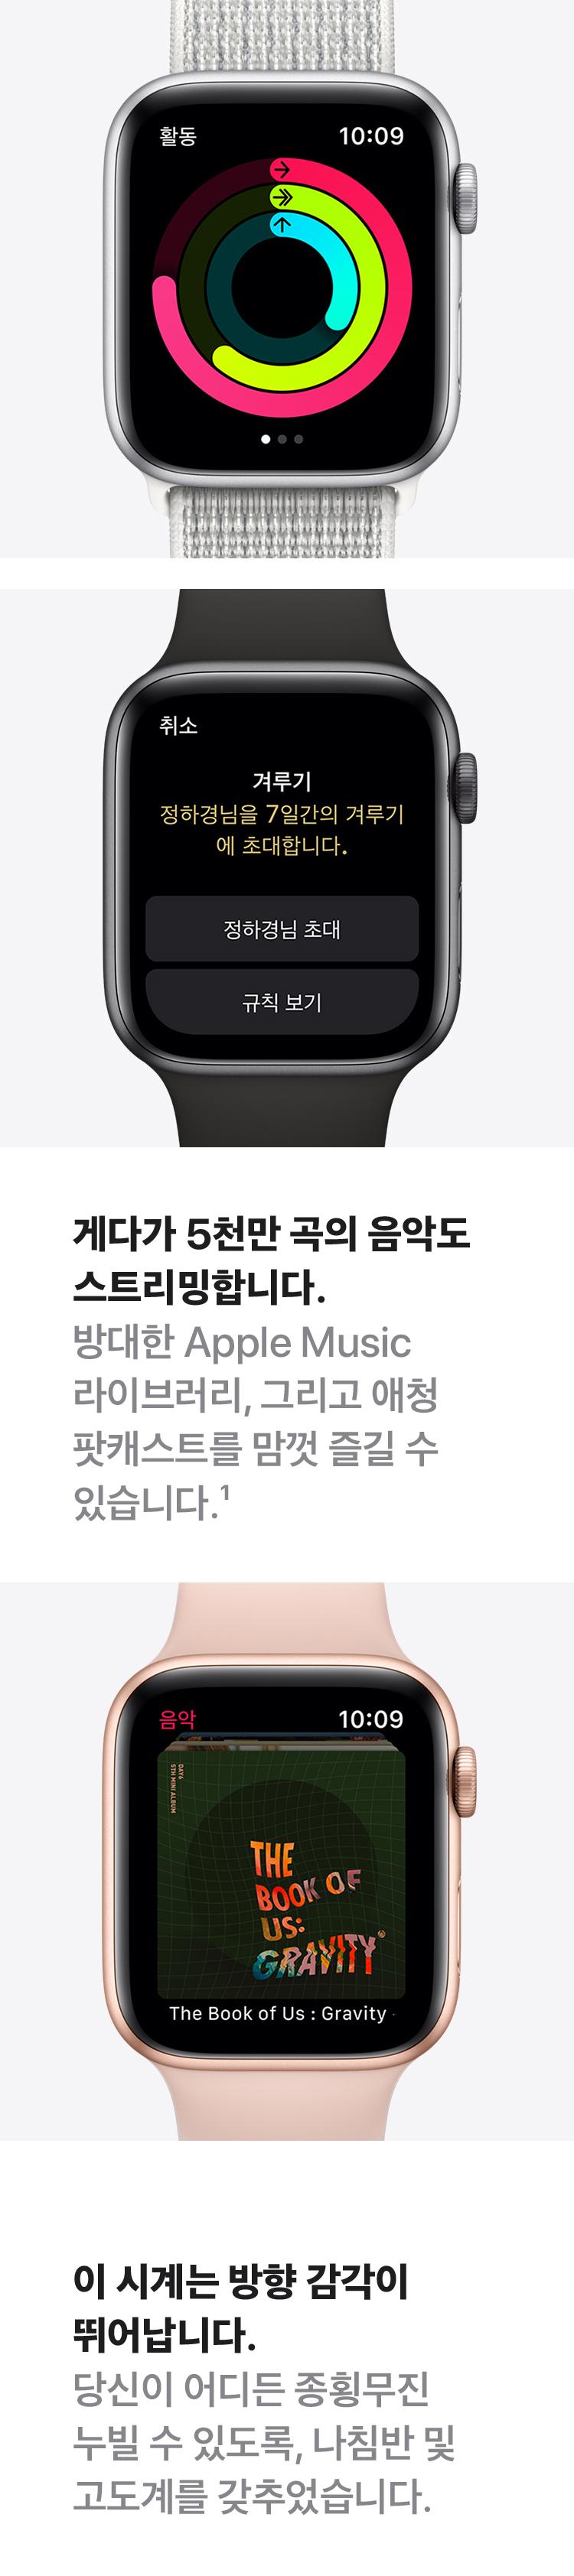 게다가 5천만 곡의 음악도 스트리밍합니다. 방대한 Apple music 라이브러리, 그리고 애청팟캐스트를 맘껏 즐길 수 있습니다. 이 시계는 방향 감각이 뛰어납니다. 당신이 어디든 종횡무진 누빌 수 있도록, 나침반 및 고도계를 갖추었습니다.